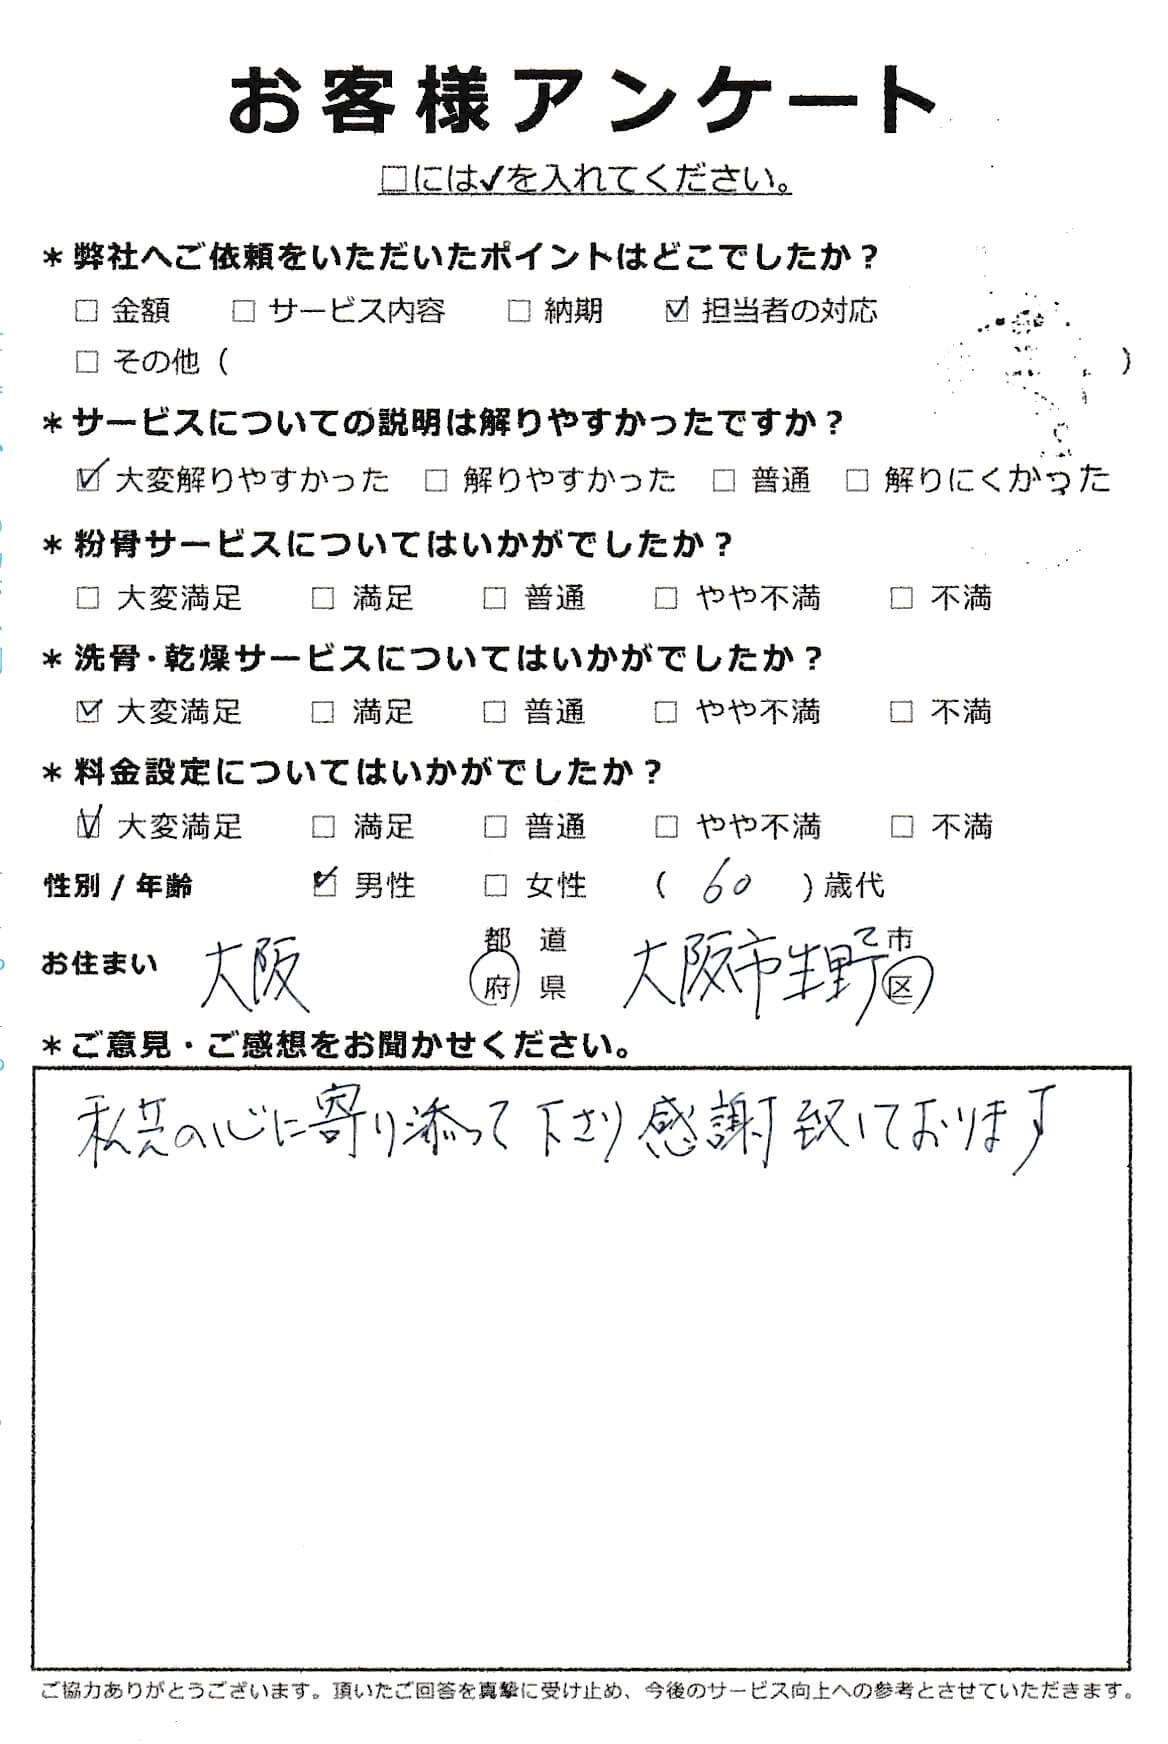 大阪市生野区での洗骨・乾燥サービス